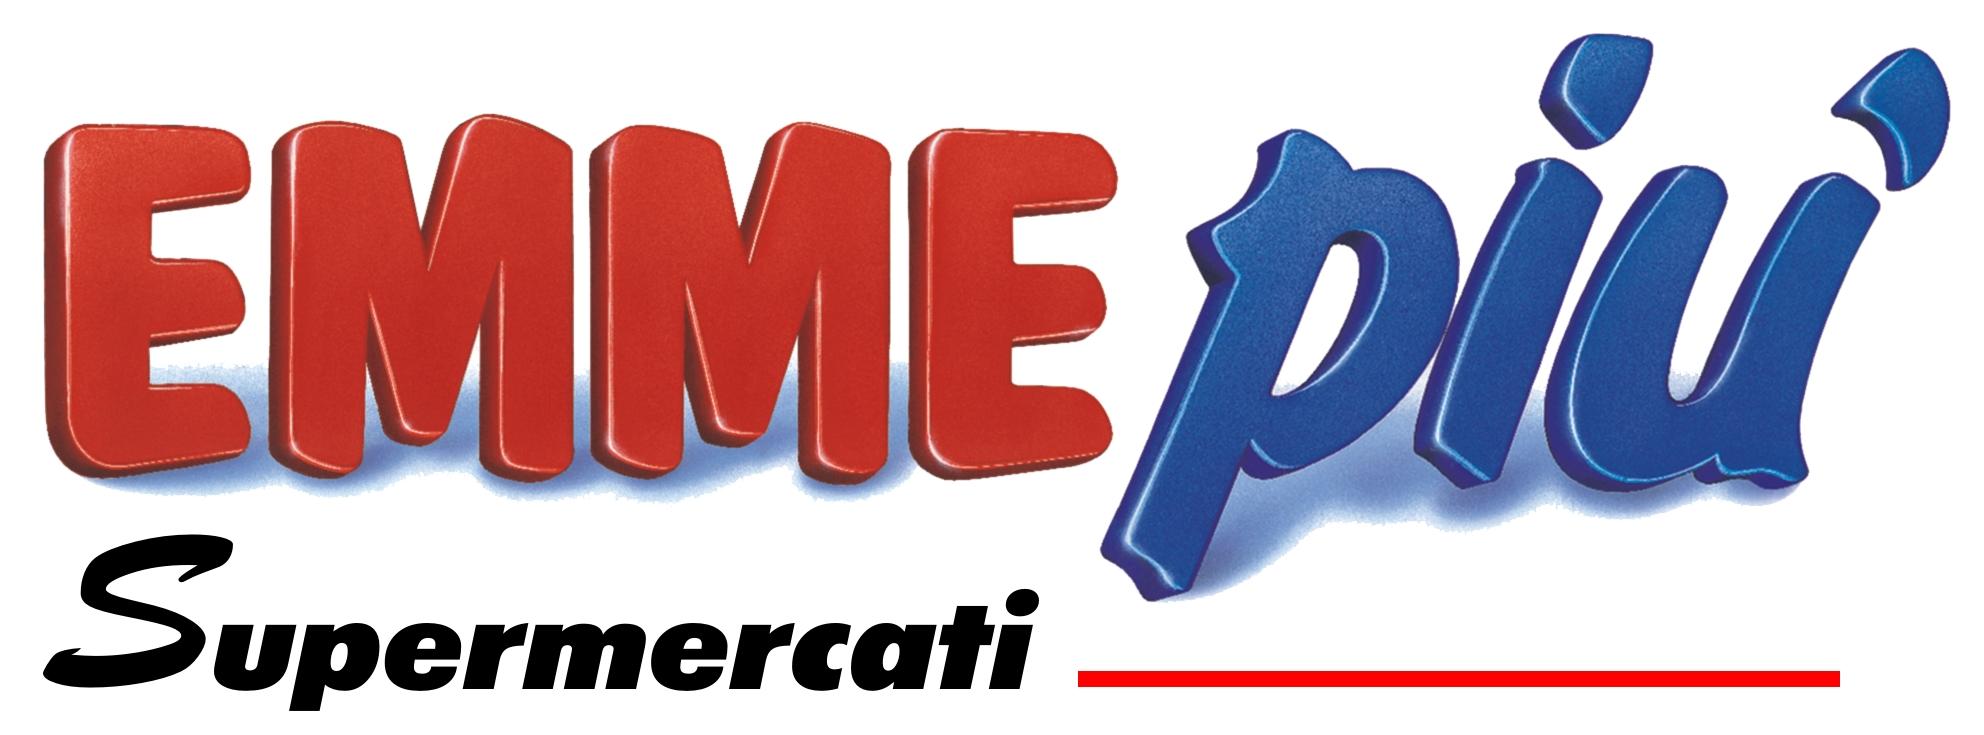 Emmepiù 3D Supermercati